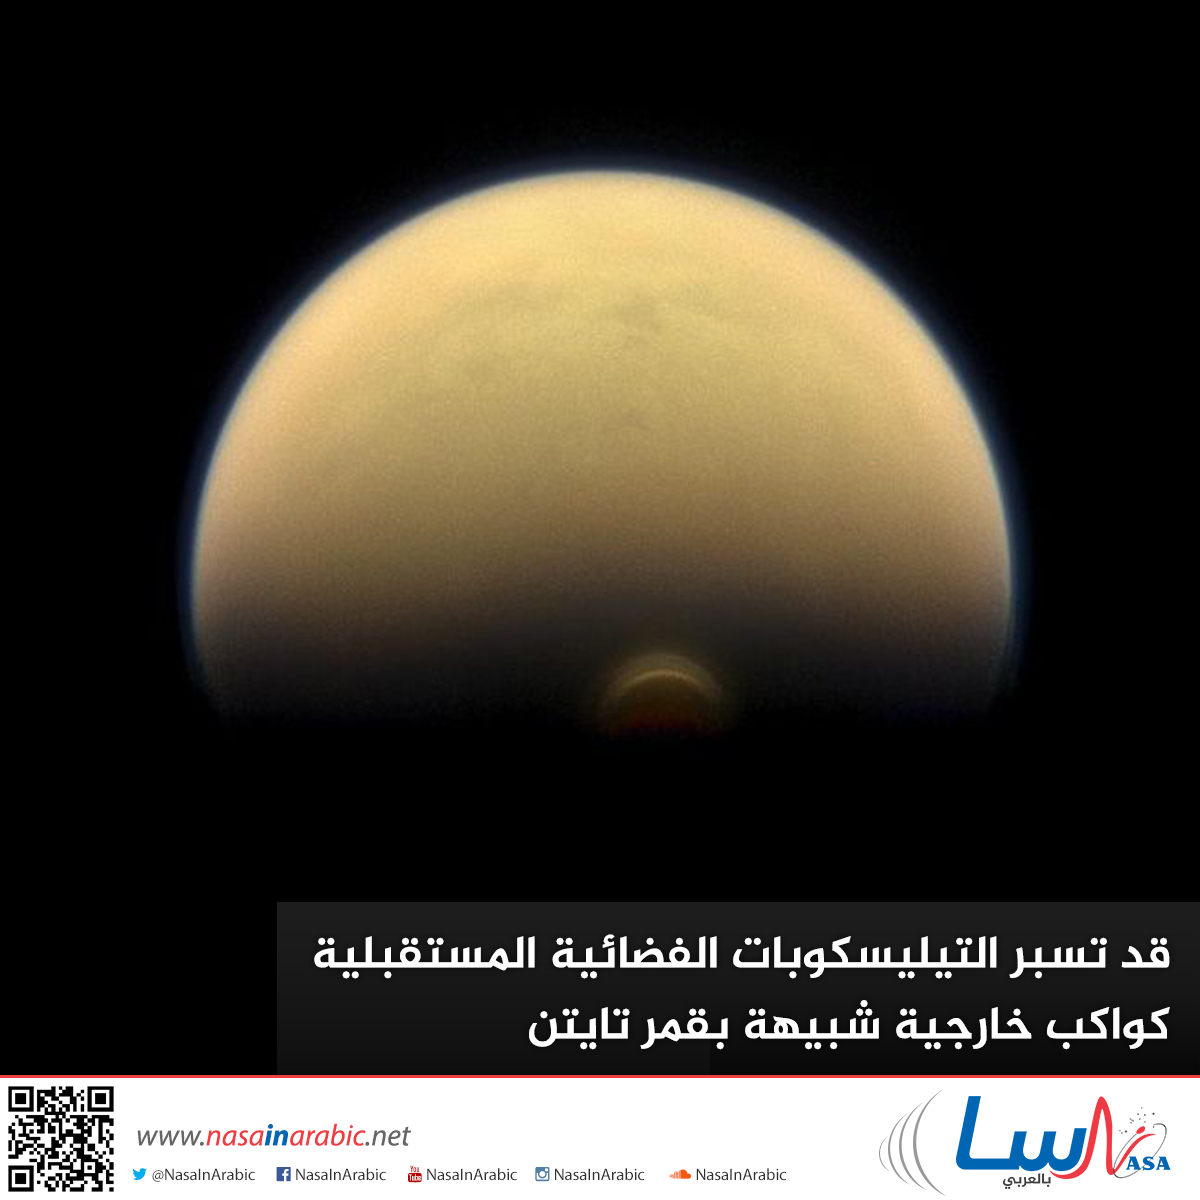 قد تسبر التيليسكوبات الفضائية المستقبلية كواكب خارجية شبيهة بقمر تايتن